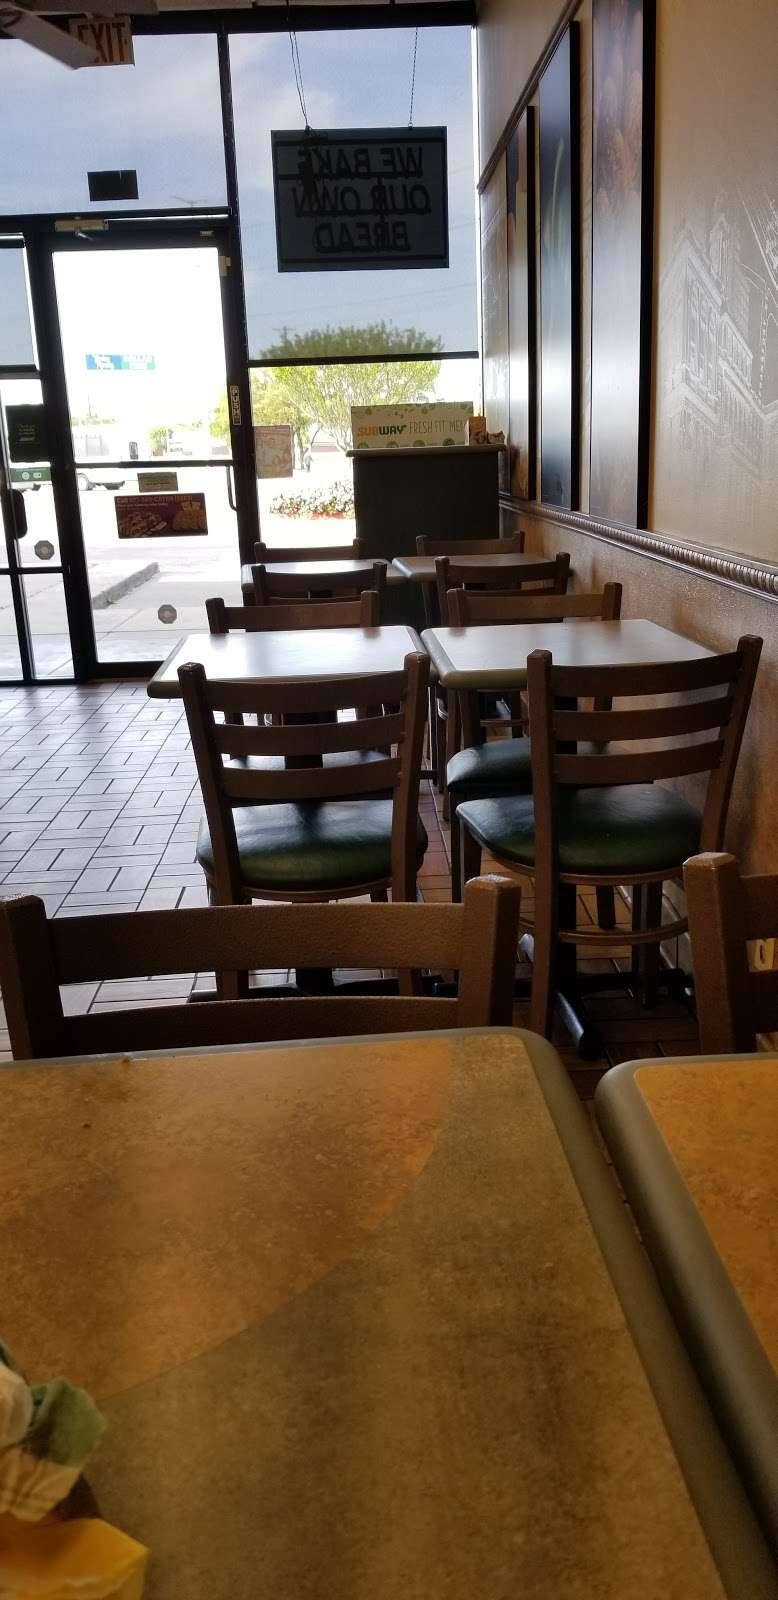 Subway - restaurant  | Photo 2 of 5 | Address: 3046 Lavon Dr Ste 128, Garland, TX 75040, USA | Phone: (972) 495-0245